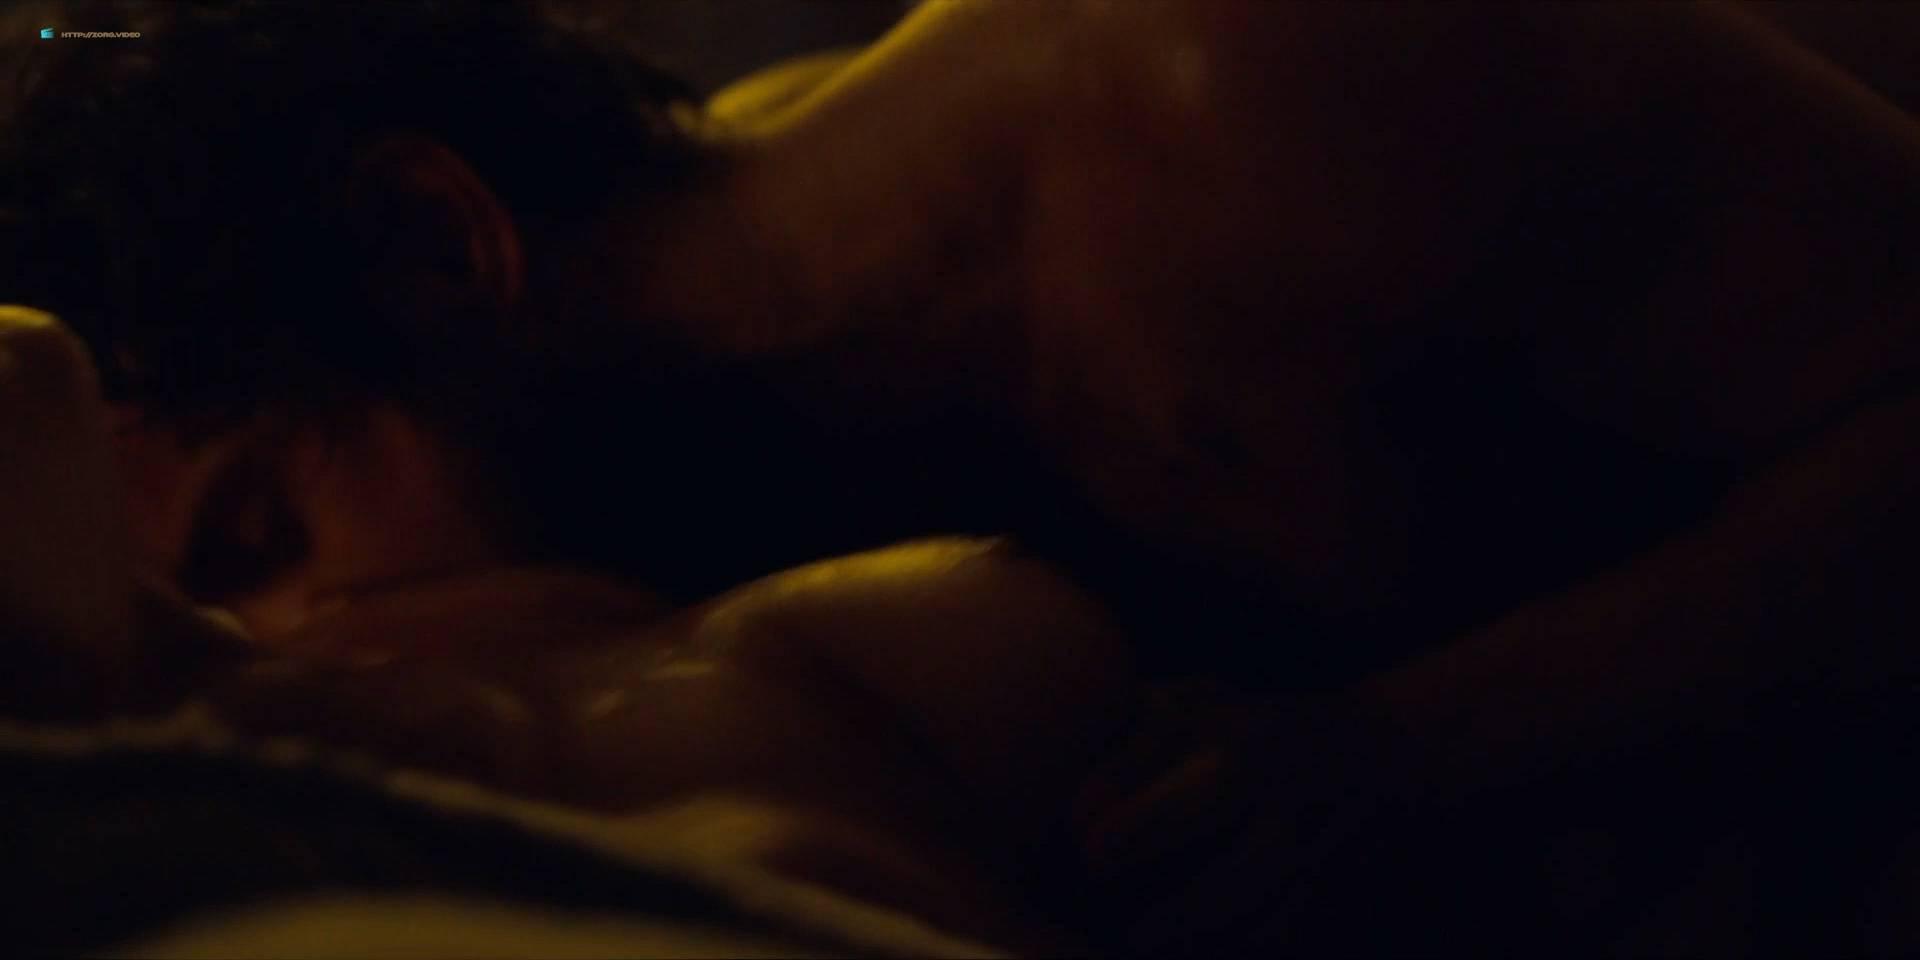 Naked bella dayne Newest Hot